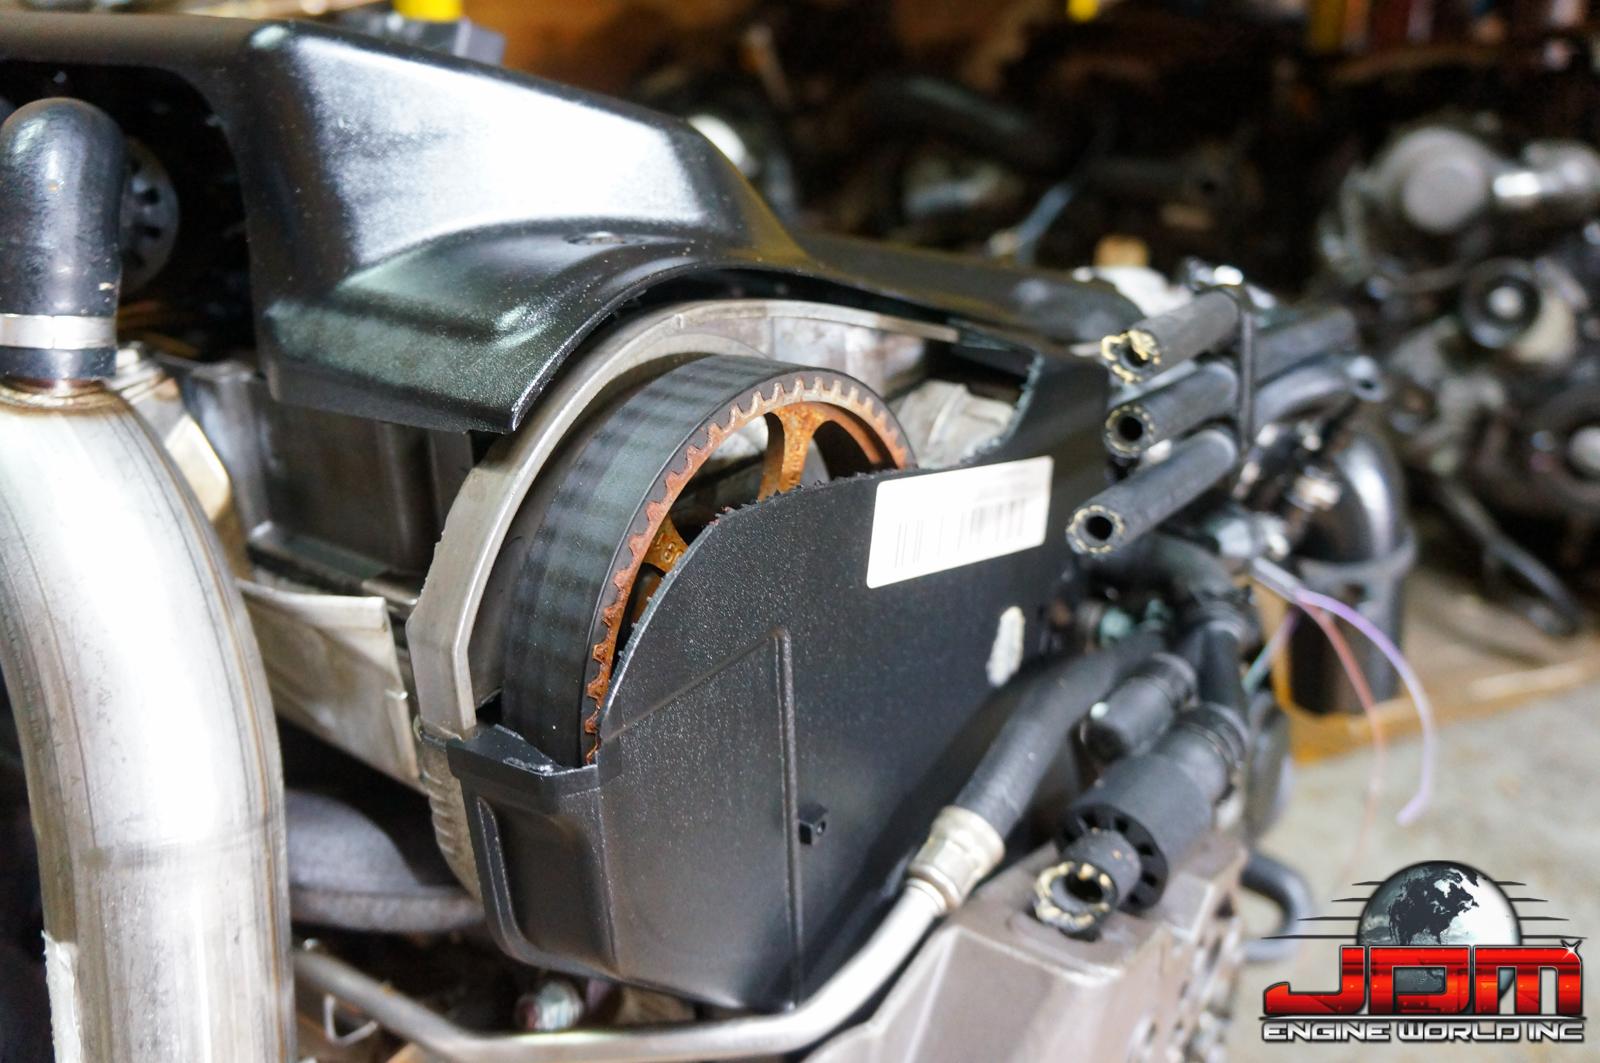 01-06 AUDI TT 1.8l AUQ TURBO ENGINE & AUTOMATIC TRANSMISSION